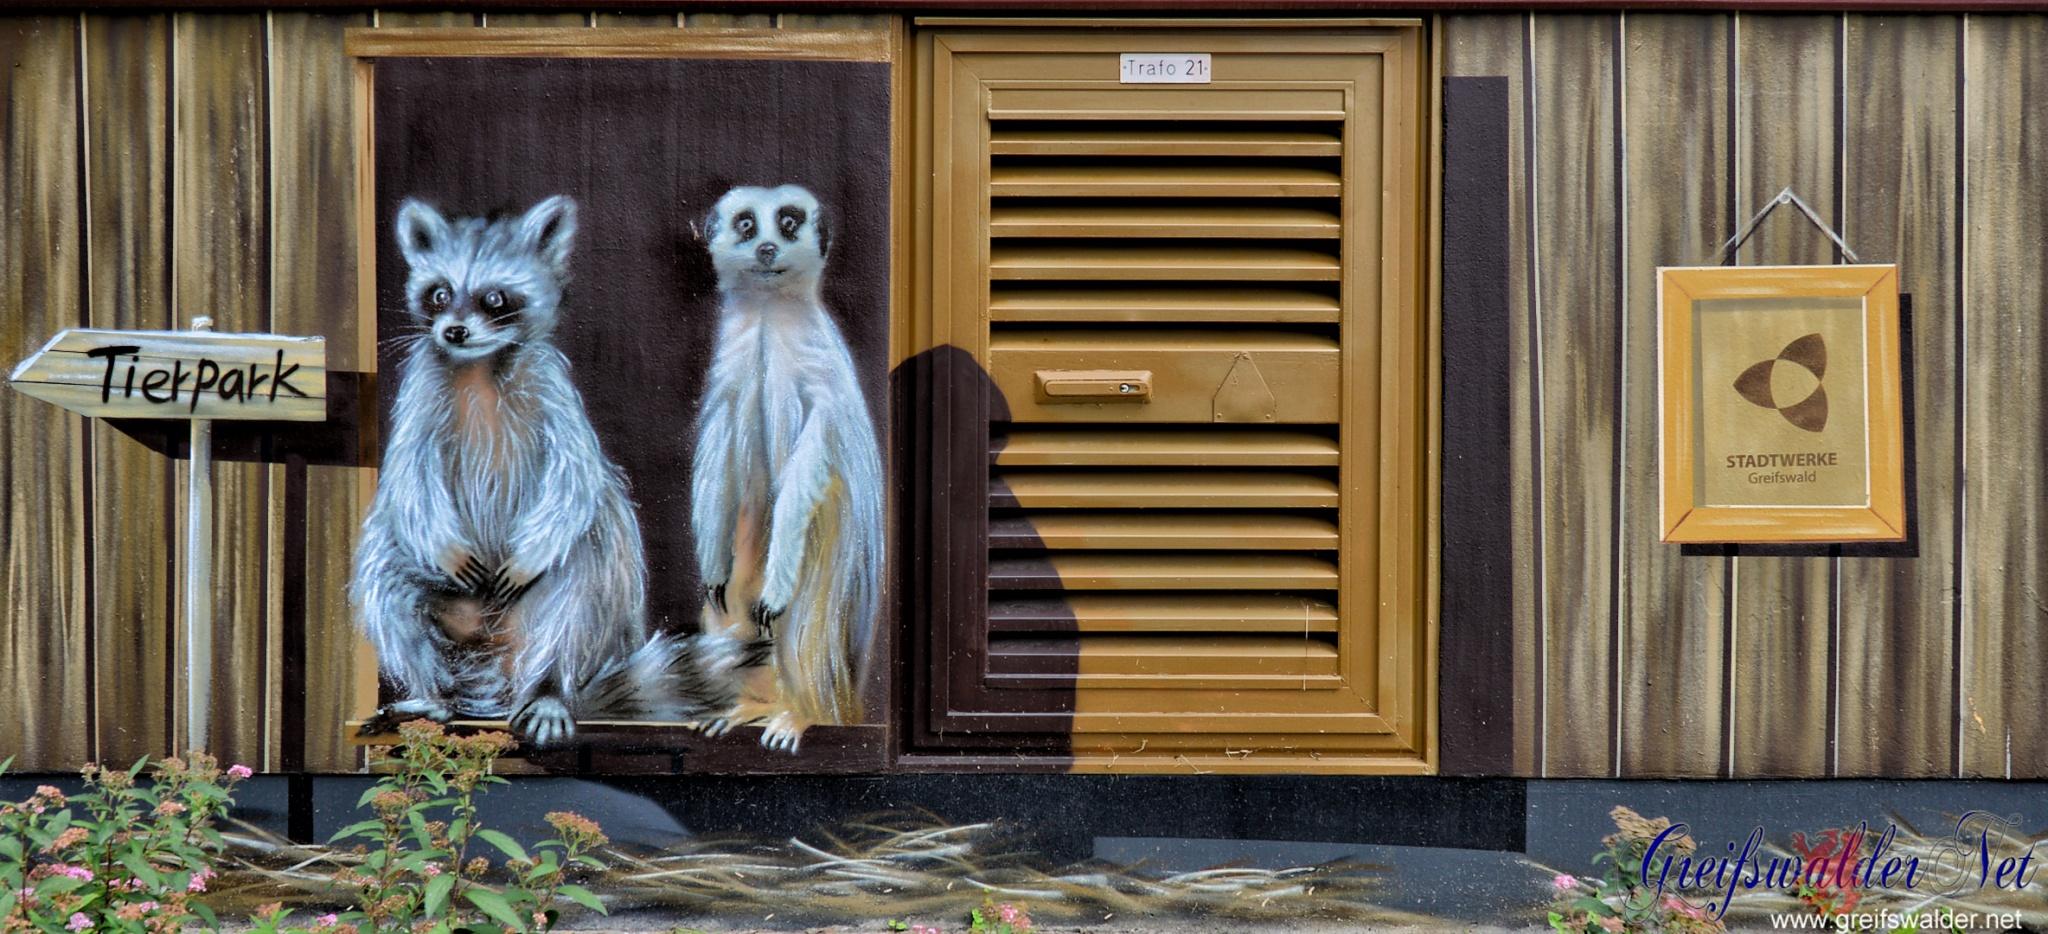 Graffiti Wegweiser zum Tierpark in Greifswald